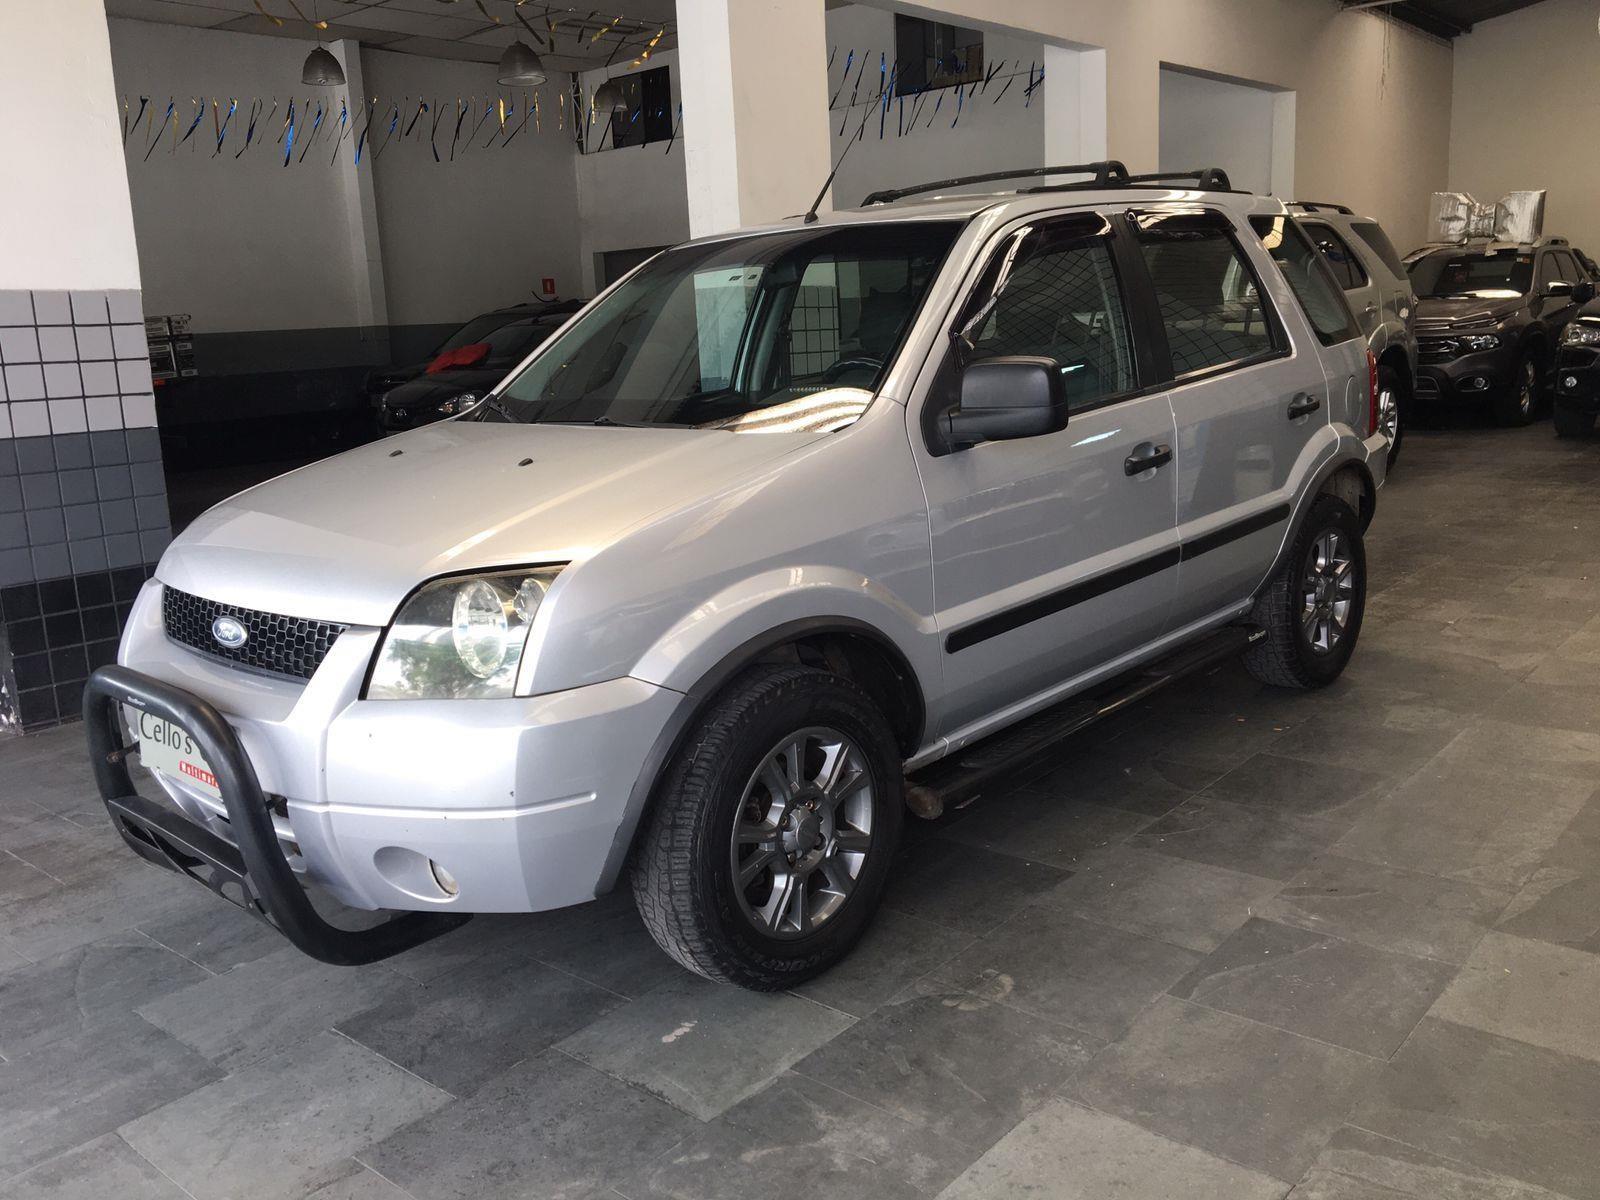 //www.autoline.com.br/carro/ford/ecosport-16-xl-8v-gasolina-4p-manual/2004/sao-paulo-sp/15635396